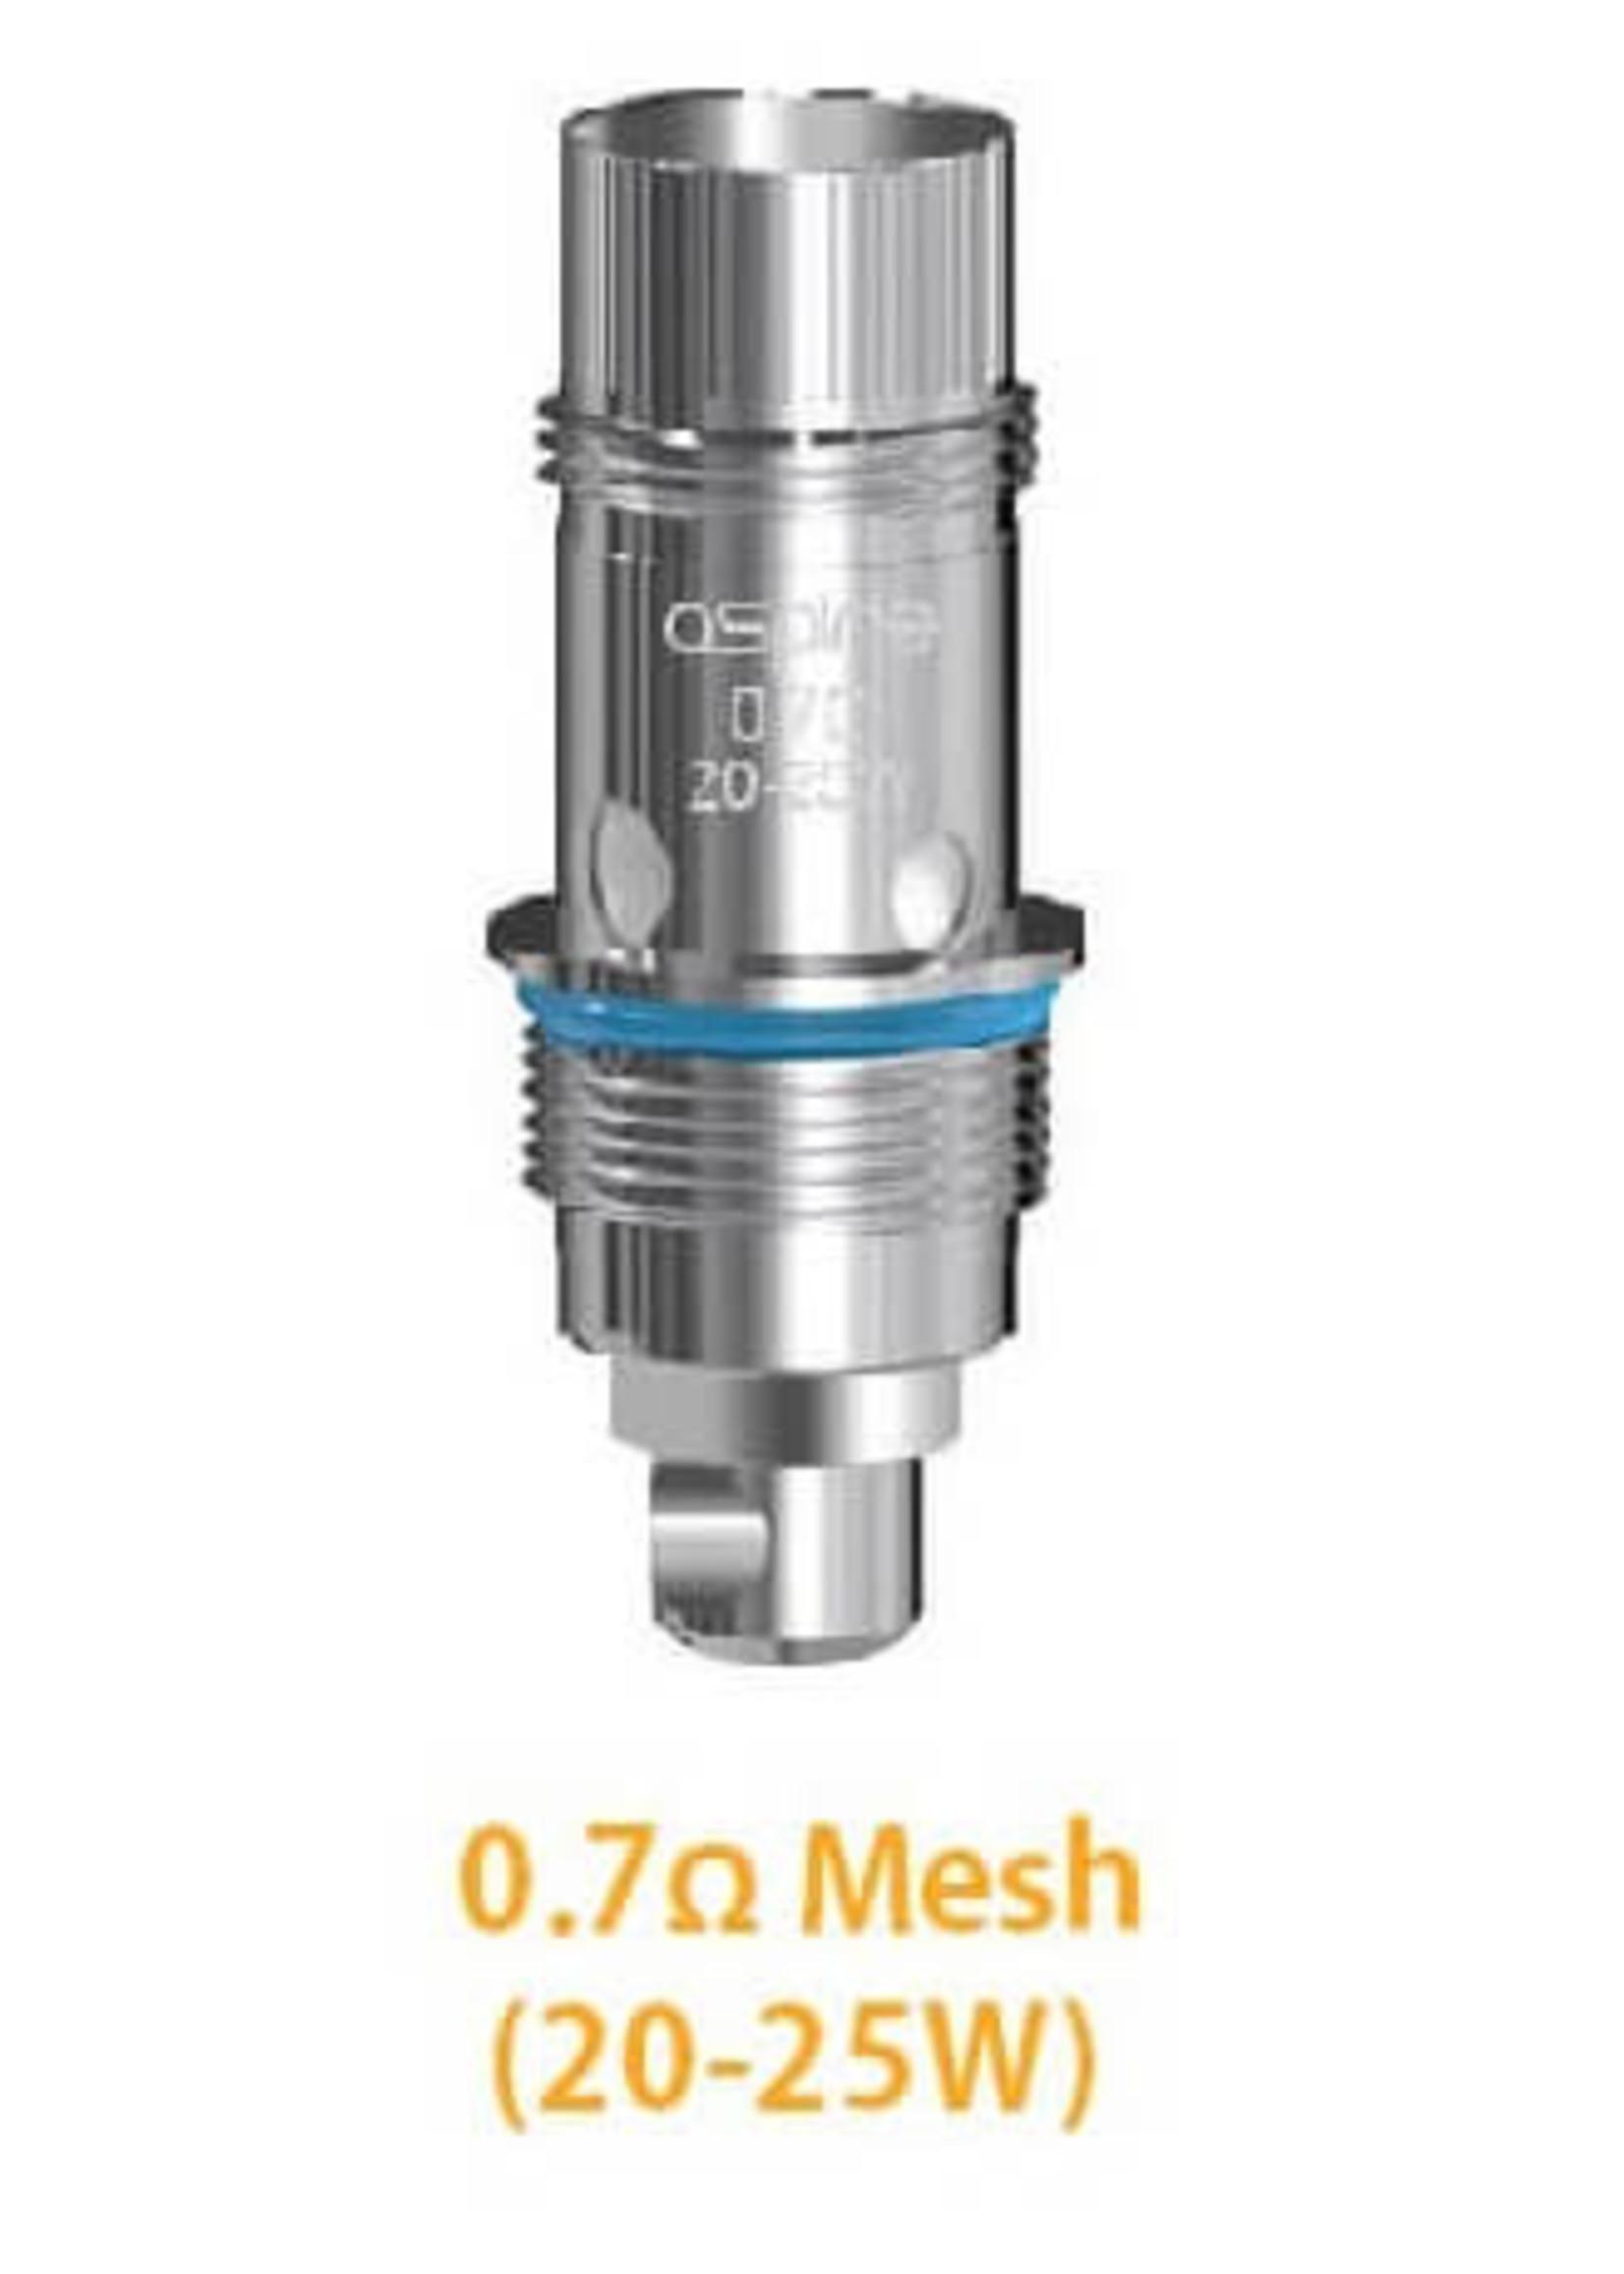 Aspire Nautilus 3 Mesh Coil 0.7ohm